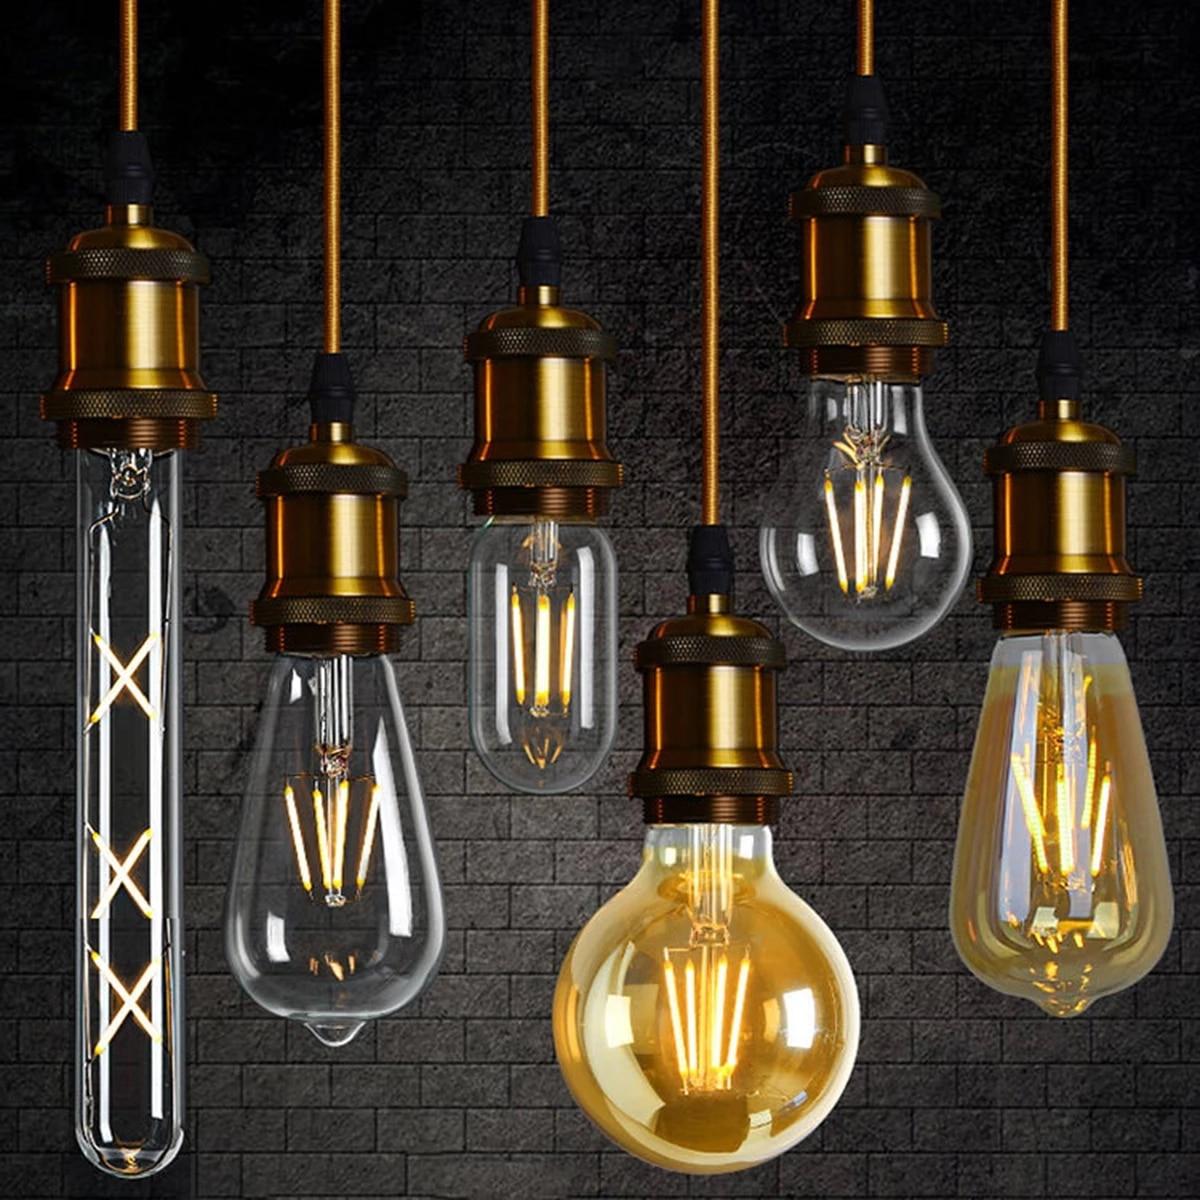 2021 тотальная распродажа, Декор Ретро Edison светодиодная лампа накаливания лампочка в виде шара пузыря 4W 6W 8W C35 G45 A60 G80 G95 для Спальня украшения